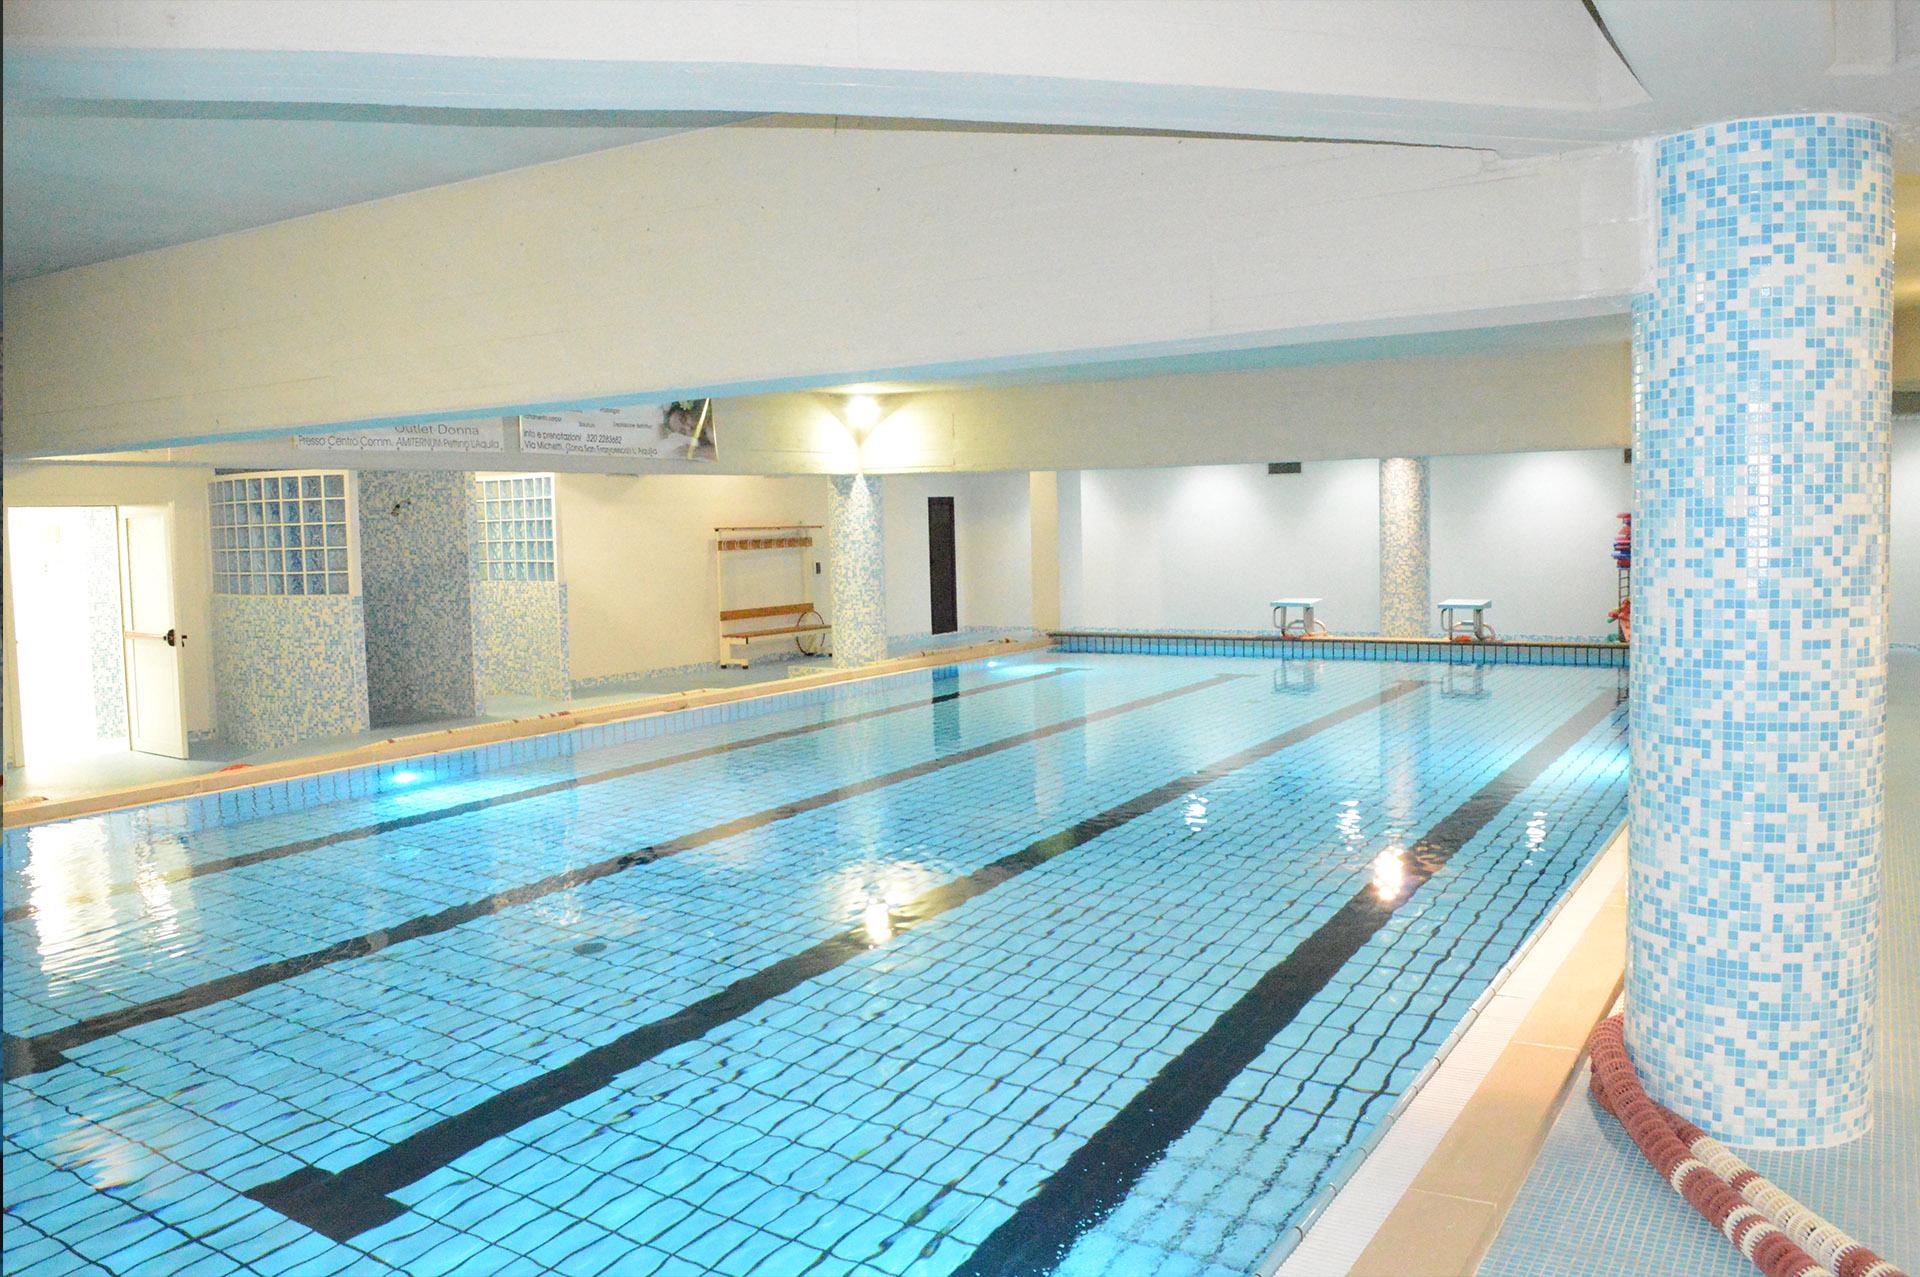 piscina_2_canadian_hotel_l_aquila